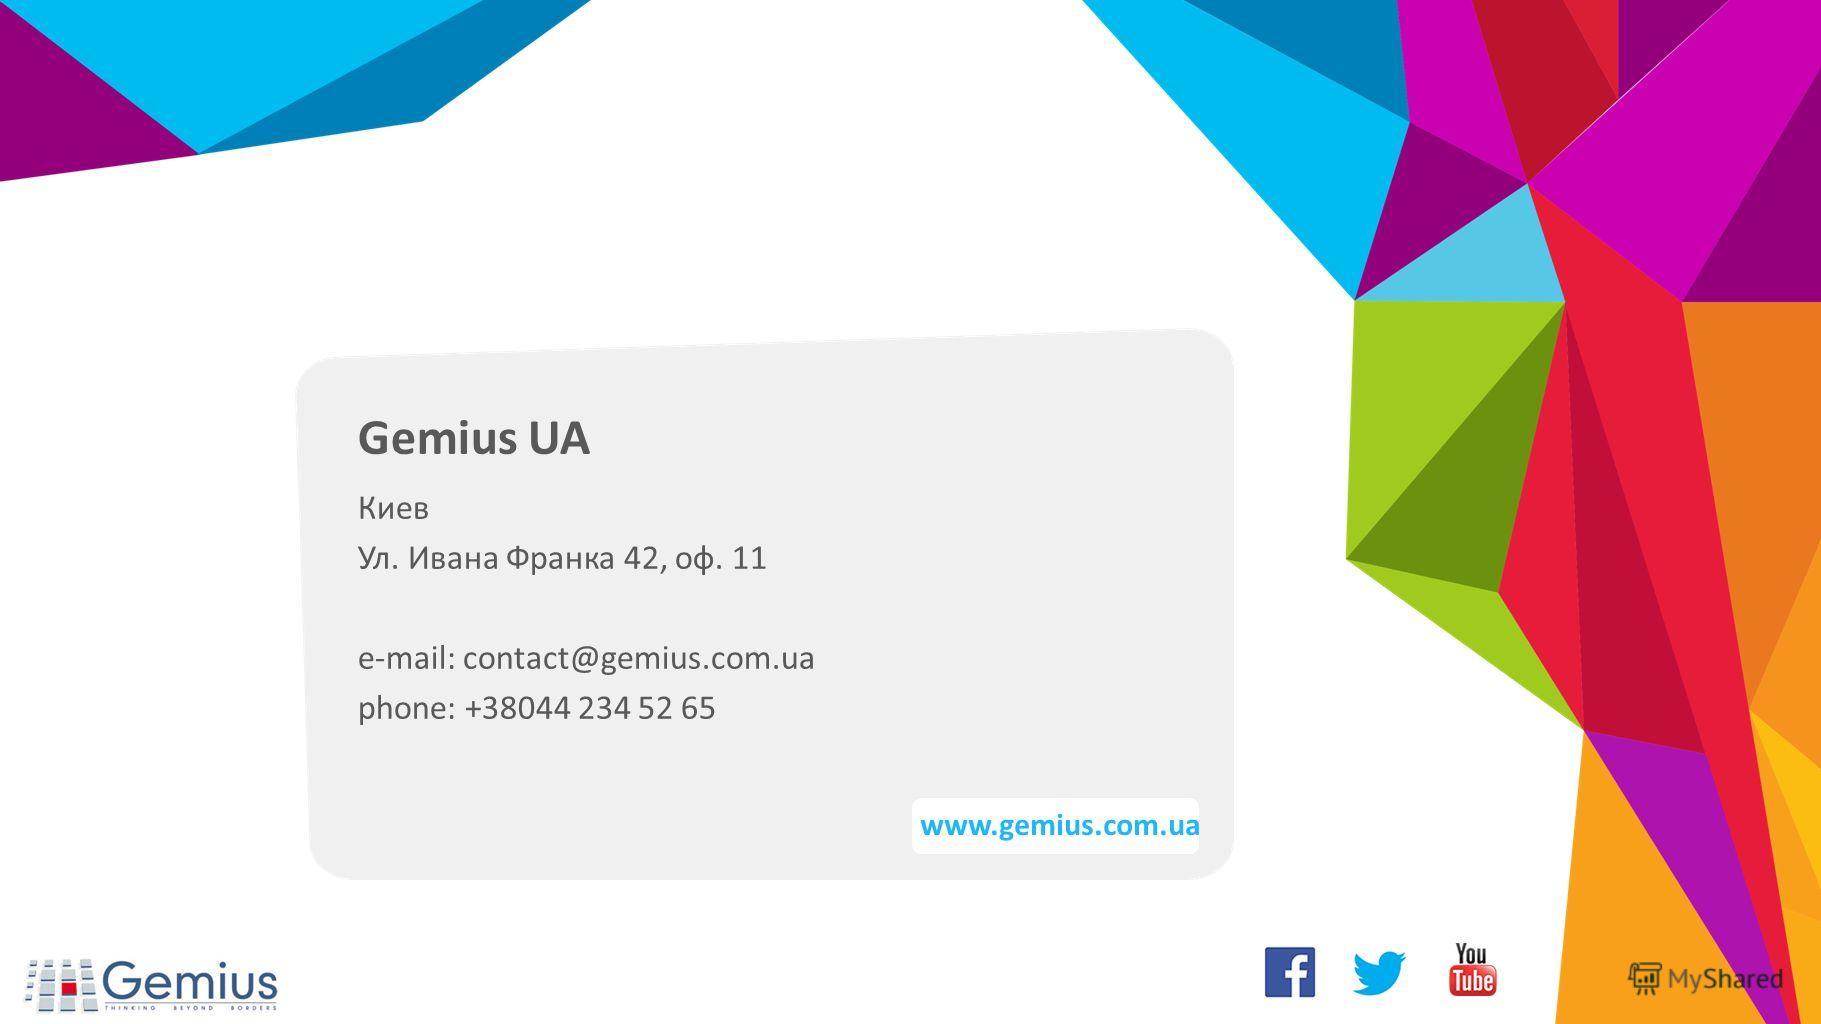 Gemius UA Киев Ул. Ивана Франка 42, оф. 11 e-mail: contact@gemius.com.ua phone: +38044 234 52 65 www.gemius.com.ua